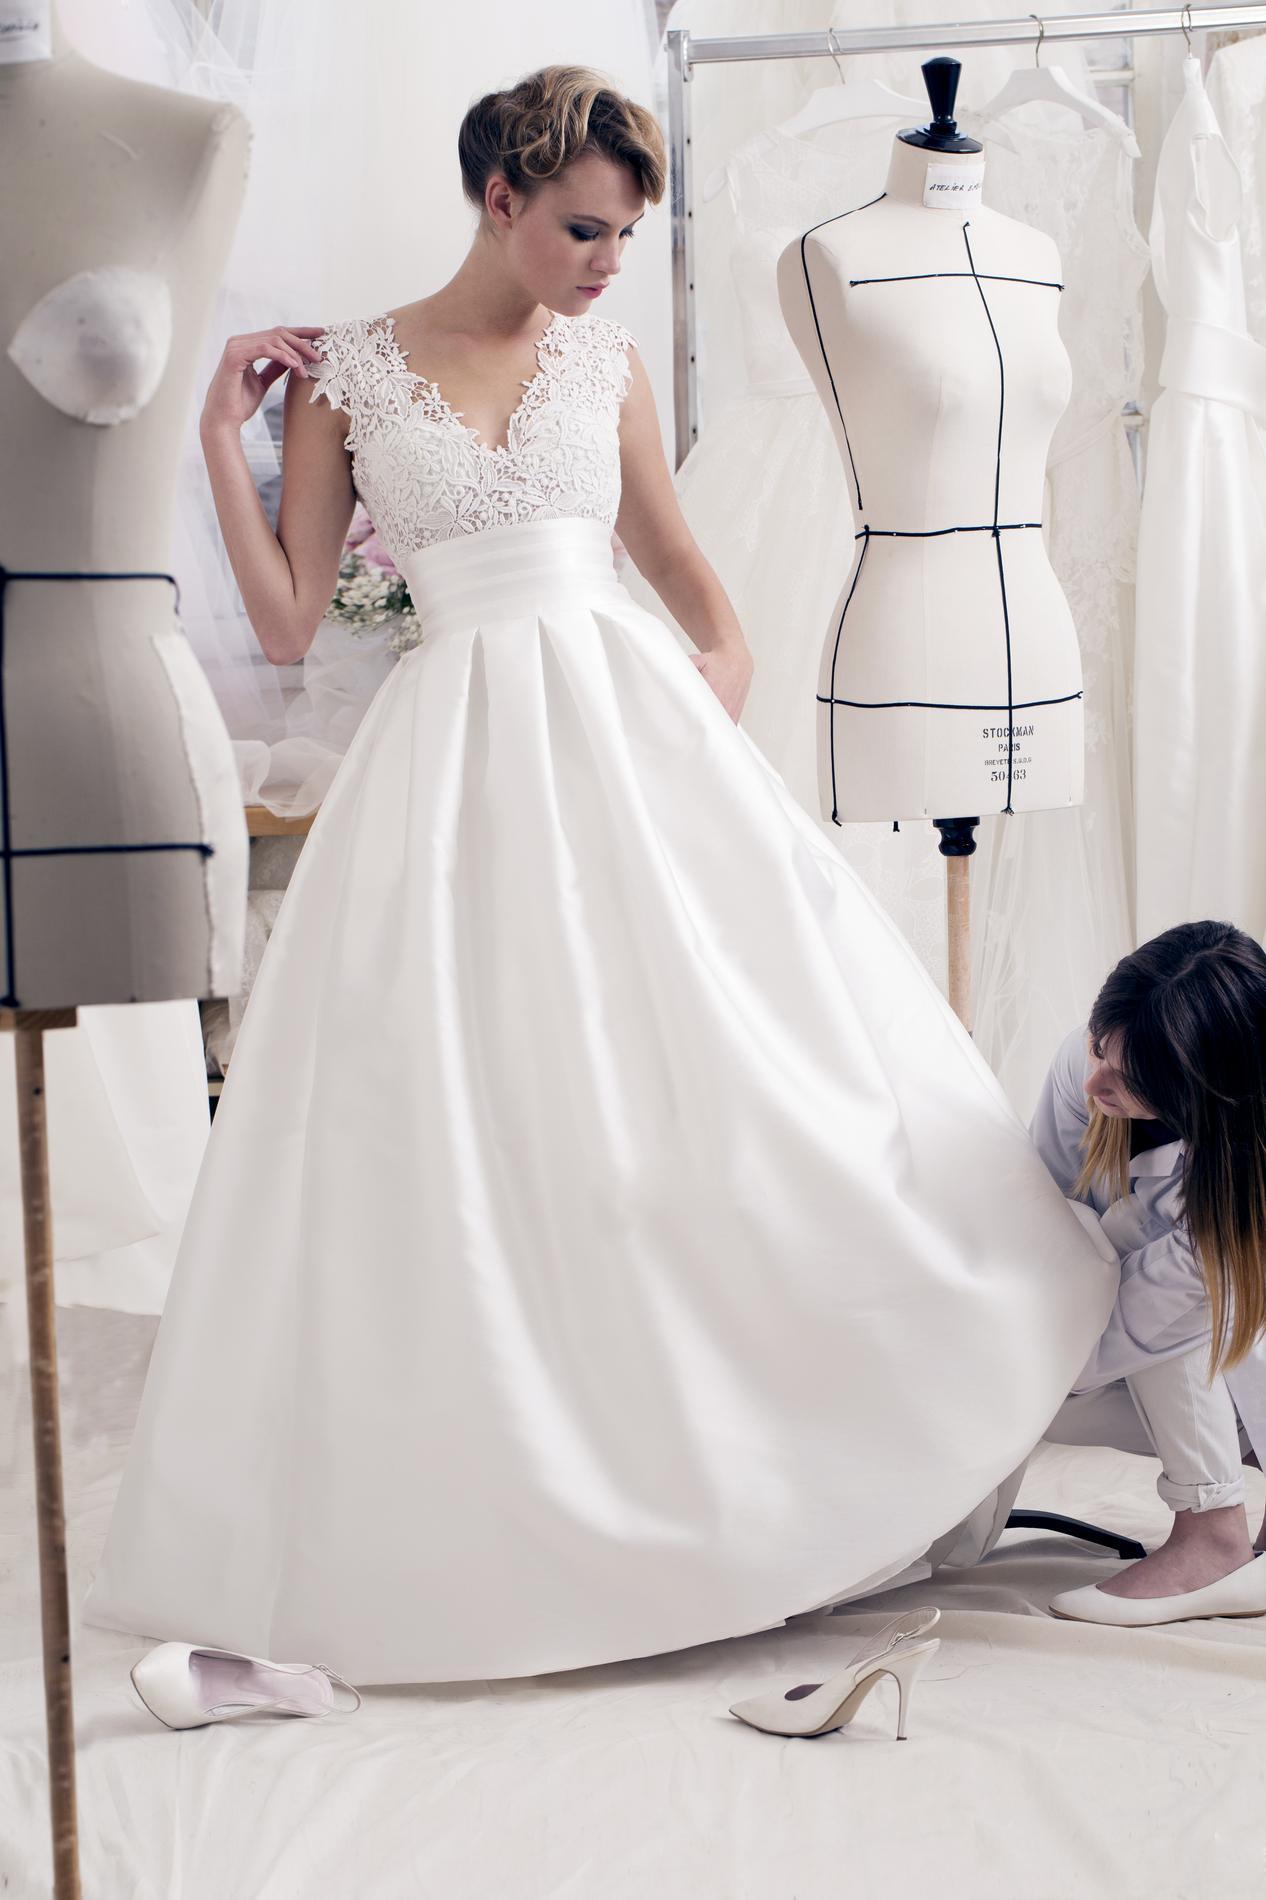 Comment customiser robe de mariée